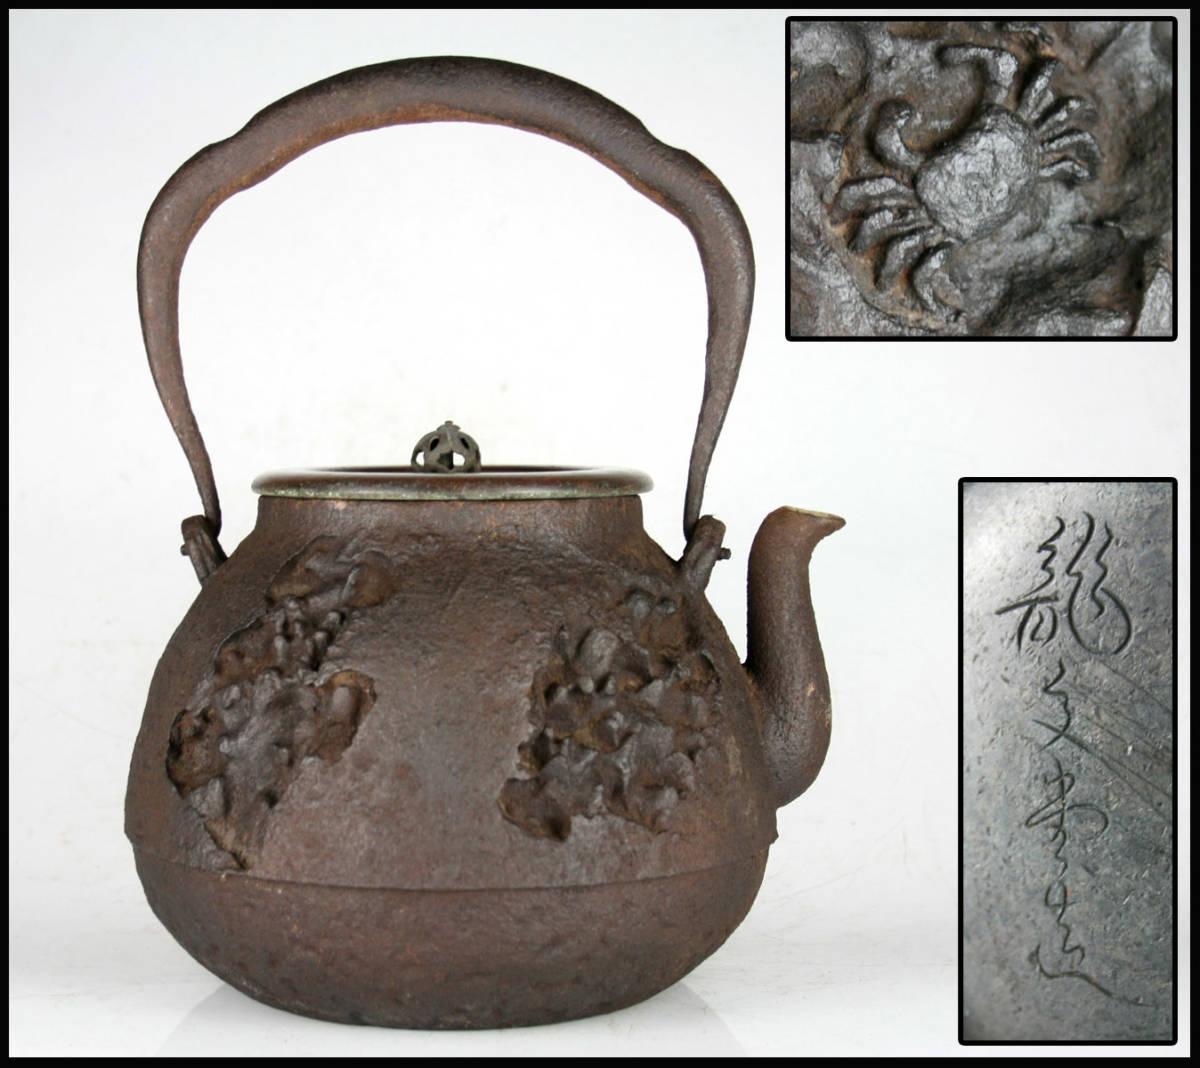 龍文堂造 荒岩肌蟹図地紋 鉄瓶 斑紫銅蓋 煎茶道具